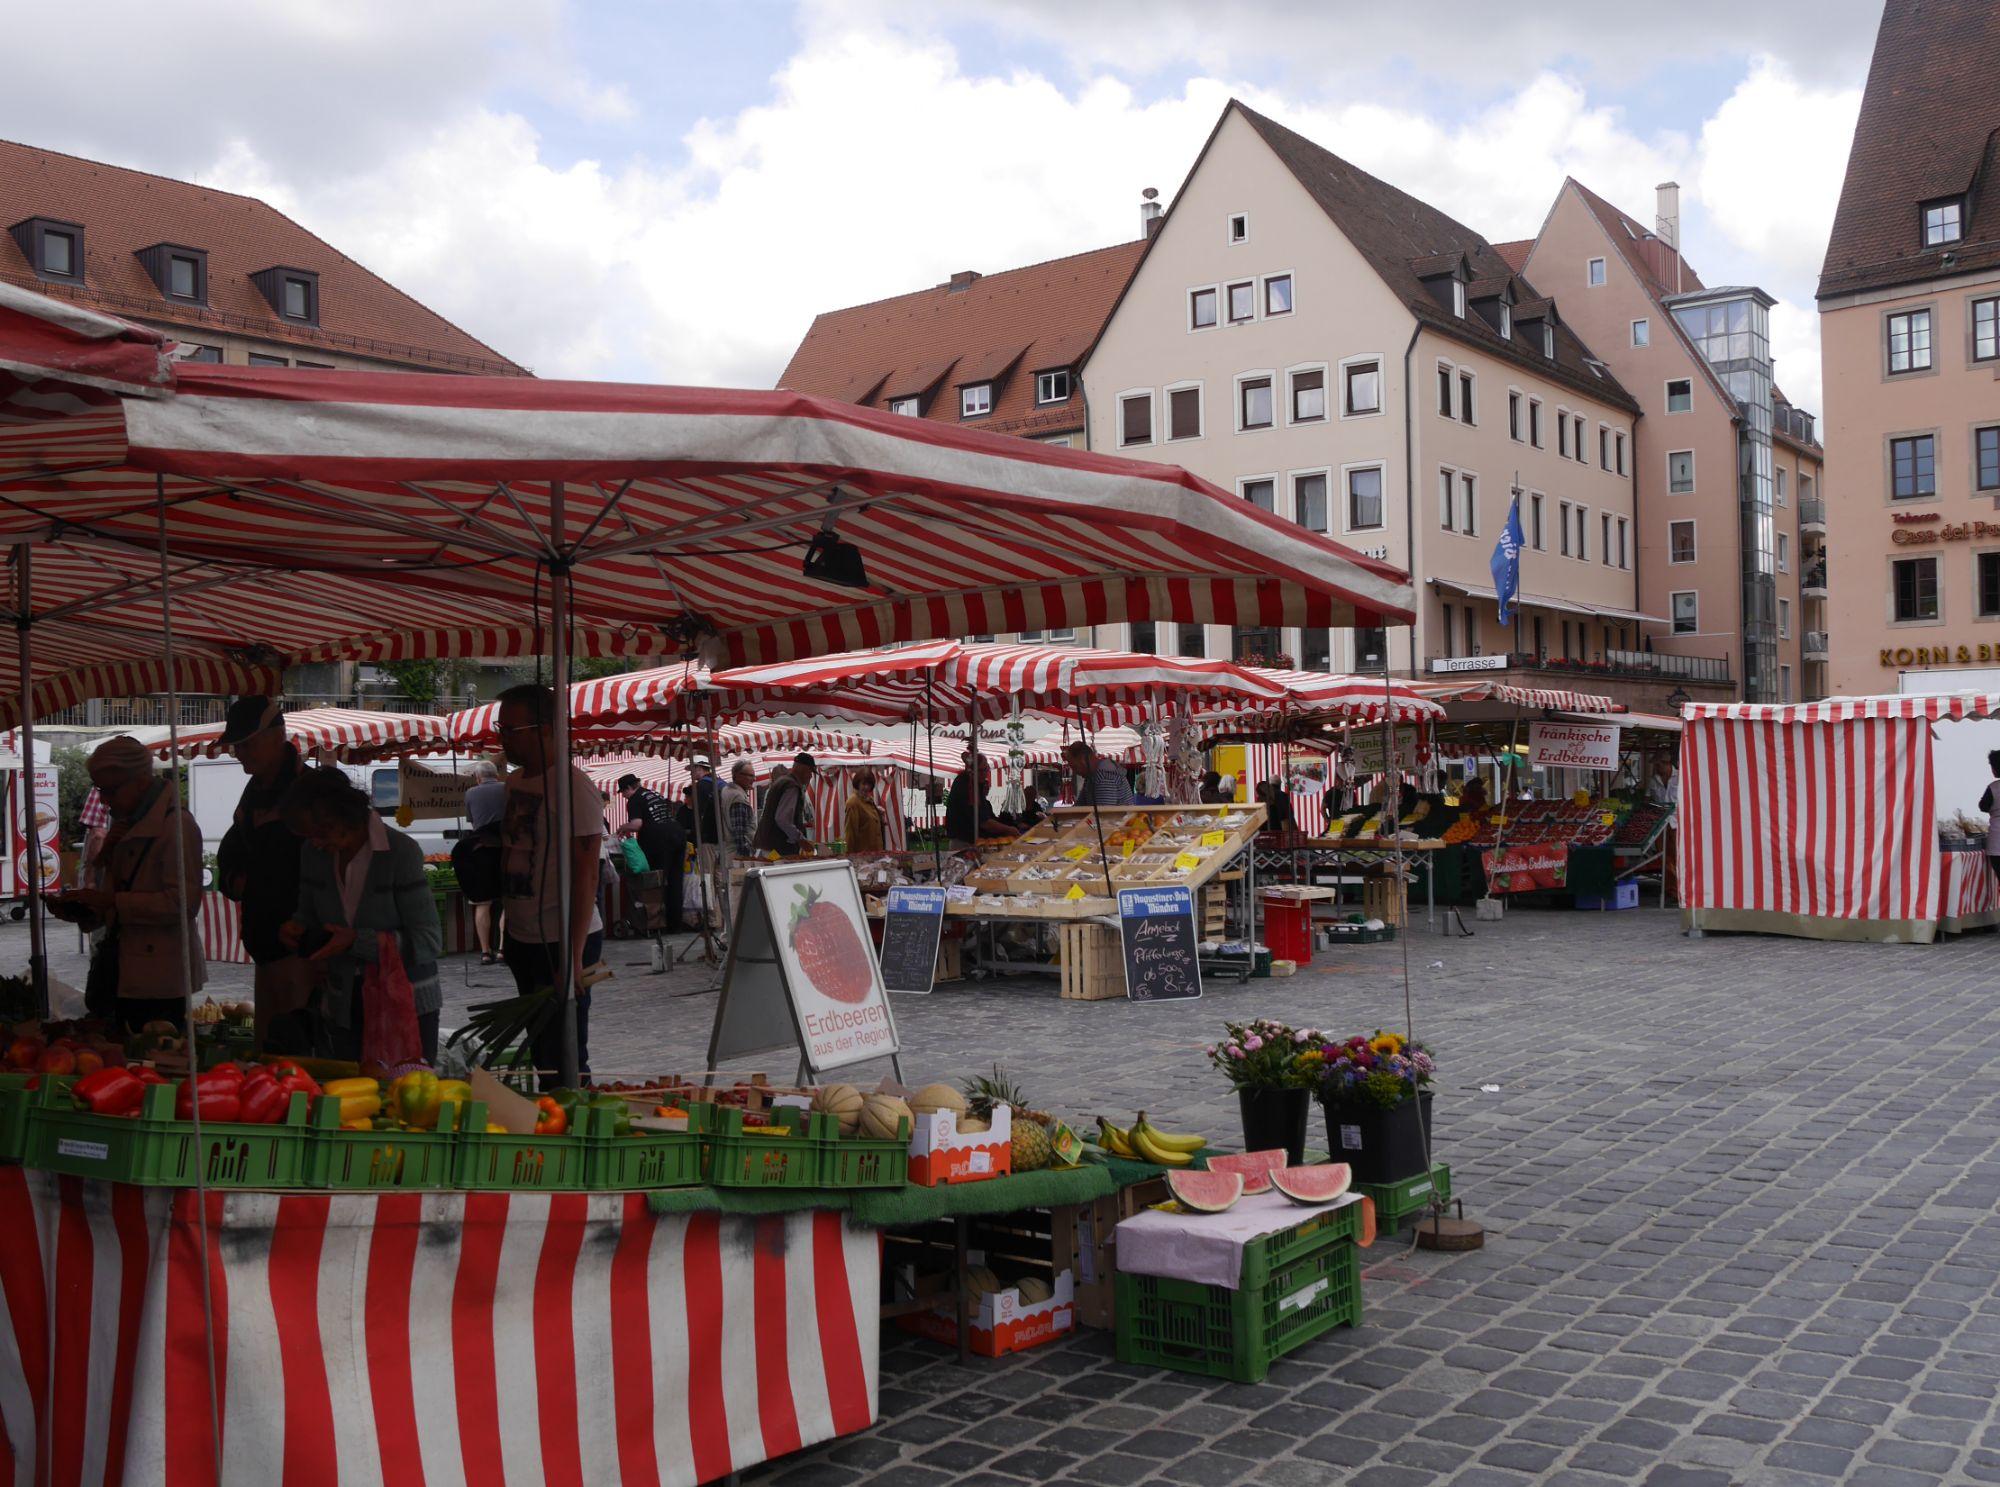 170617 Nurenburg (53)